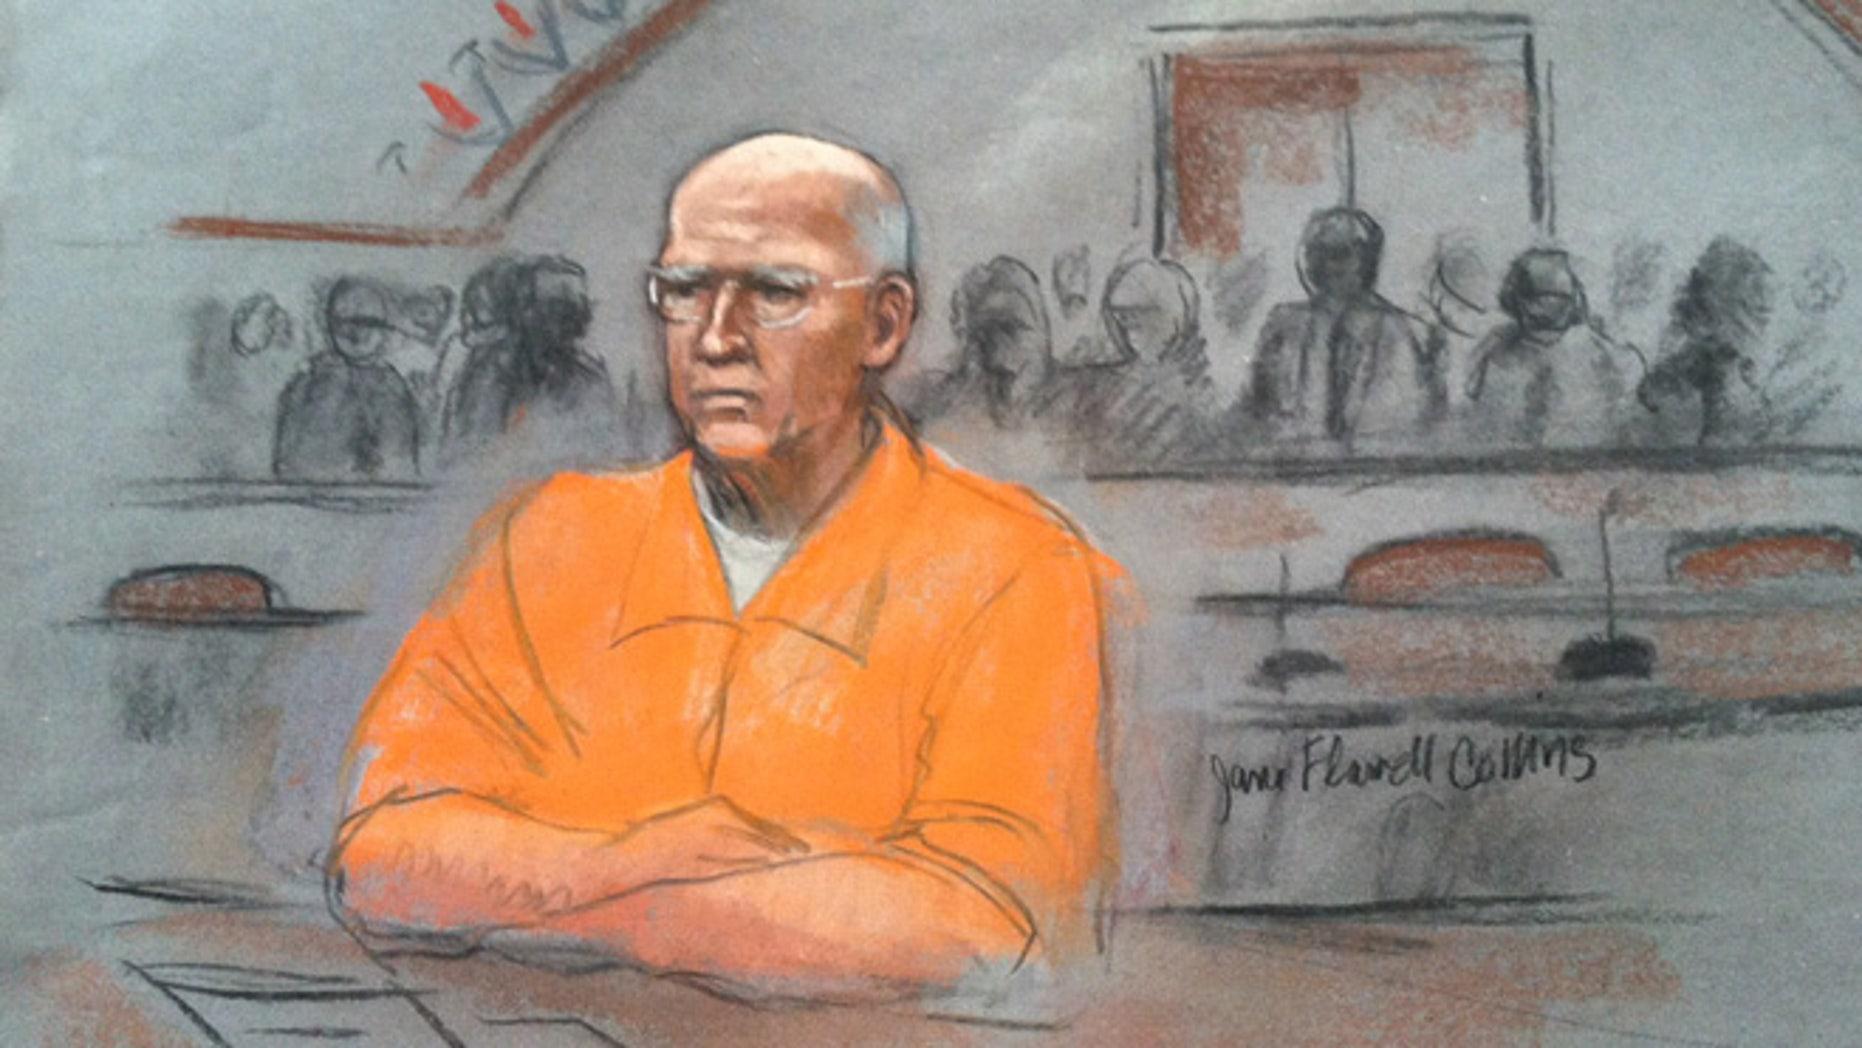 Nov. 13, 2013: James 'Whitey' Bulger appeared in court in Boston.